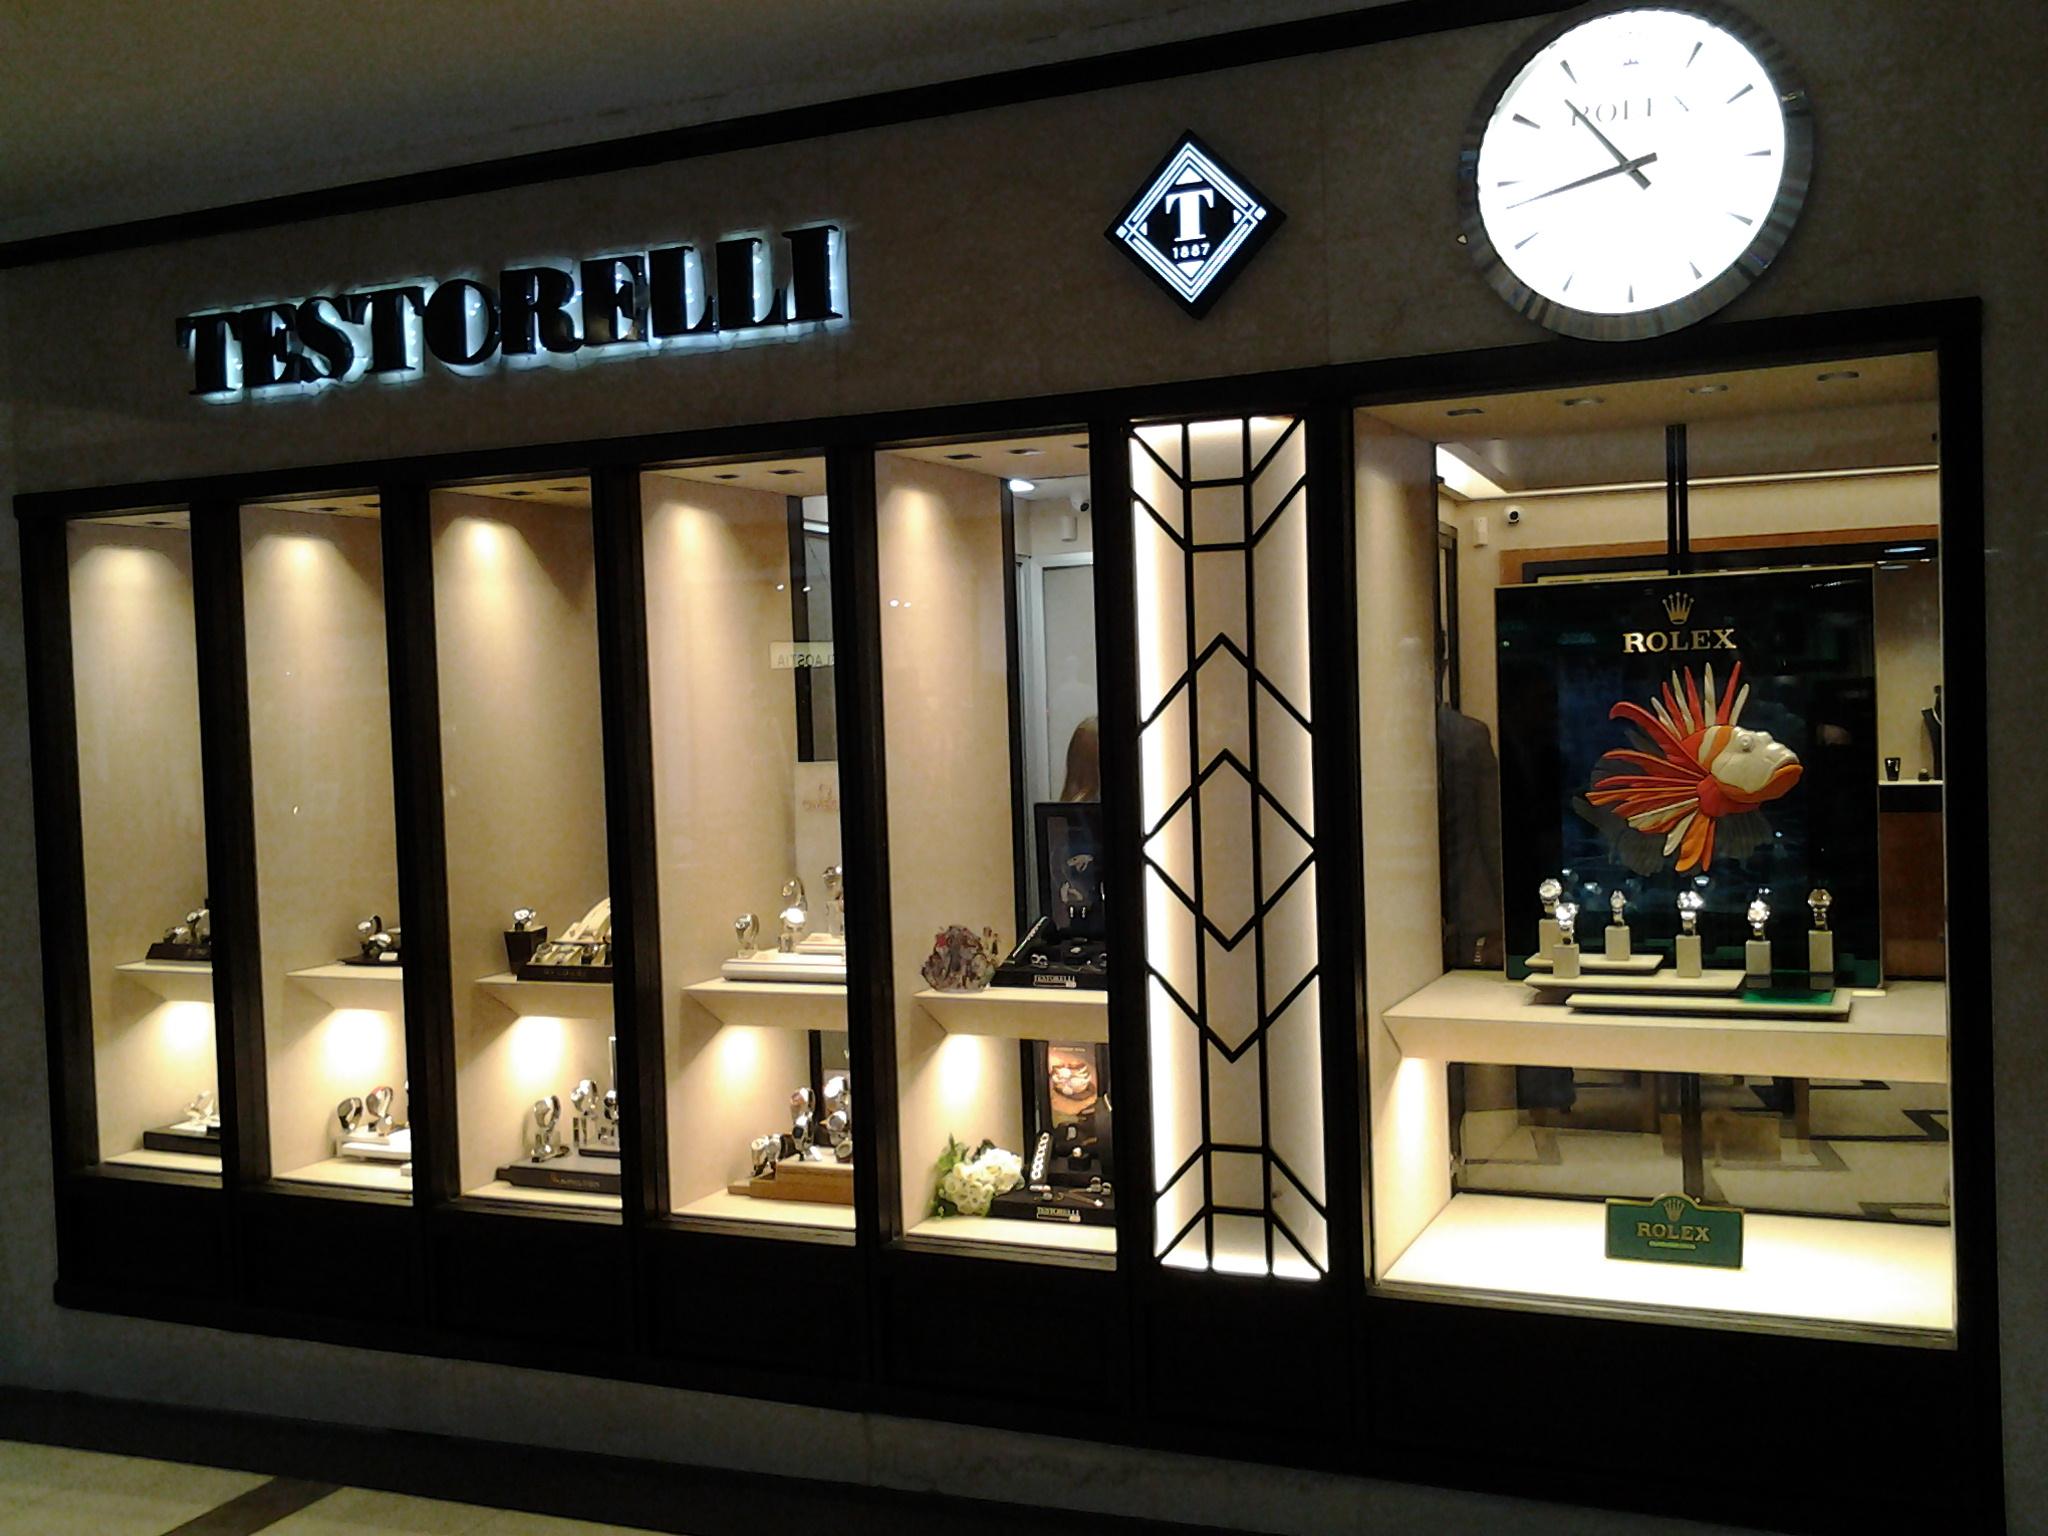 Testorelli, una tradición joyera que continúa puliéndose